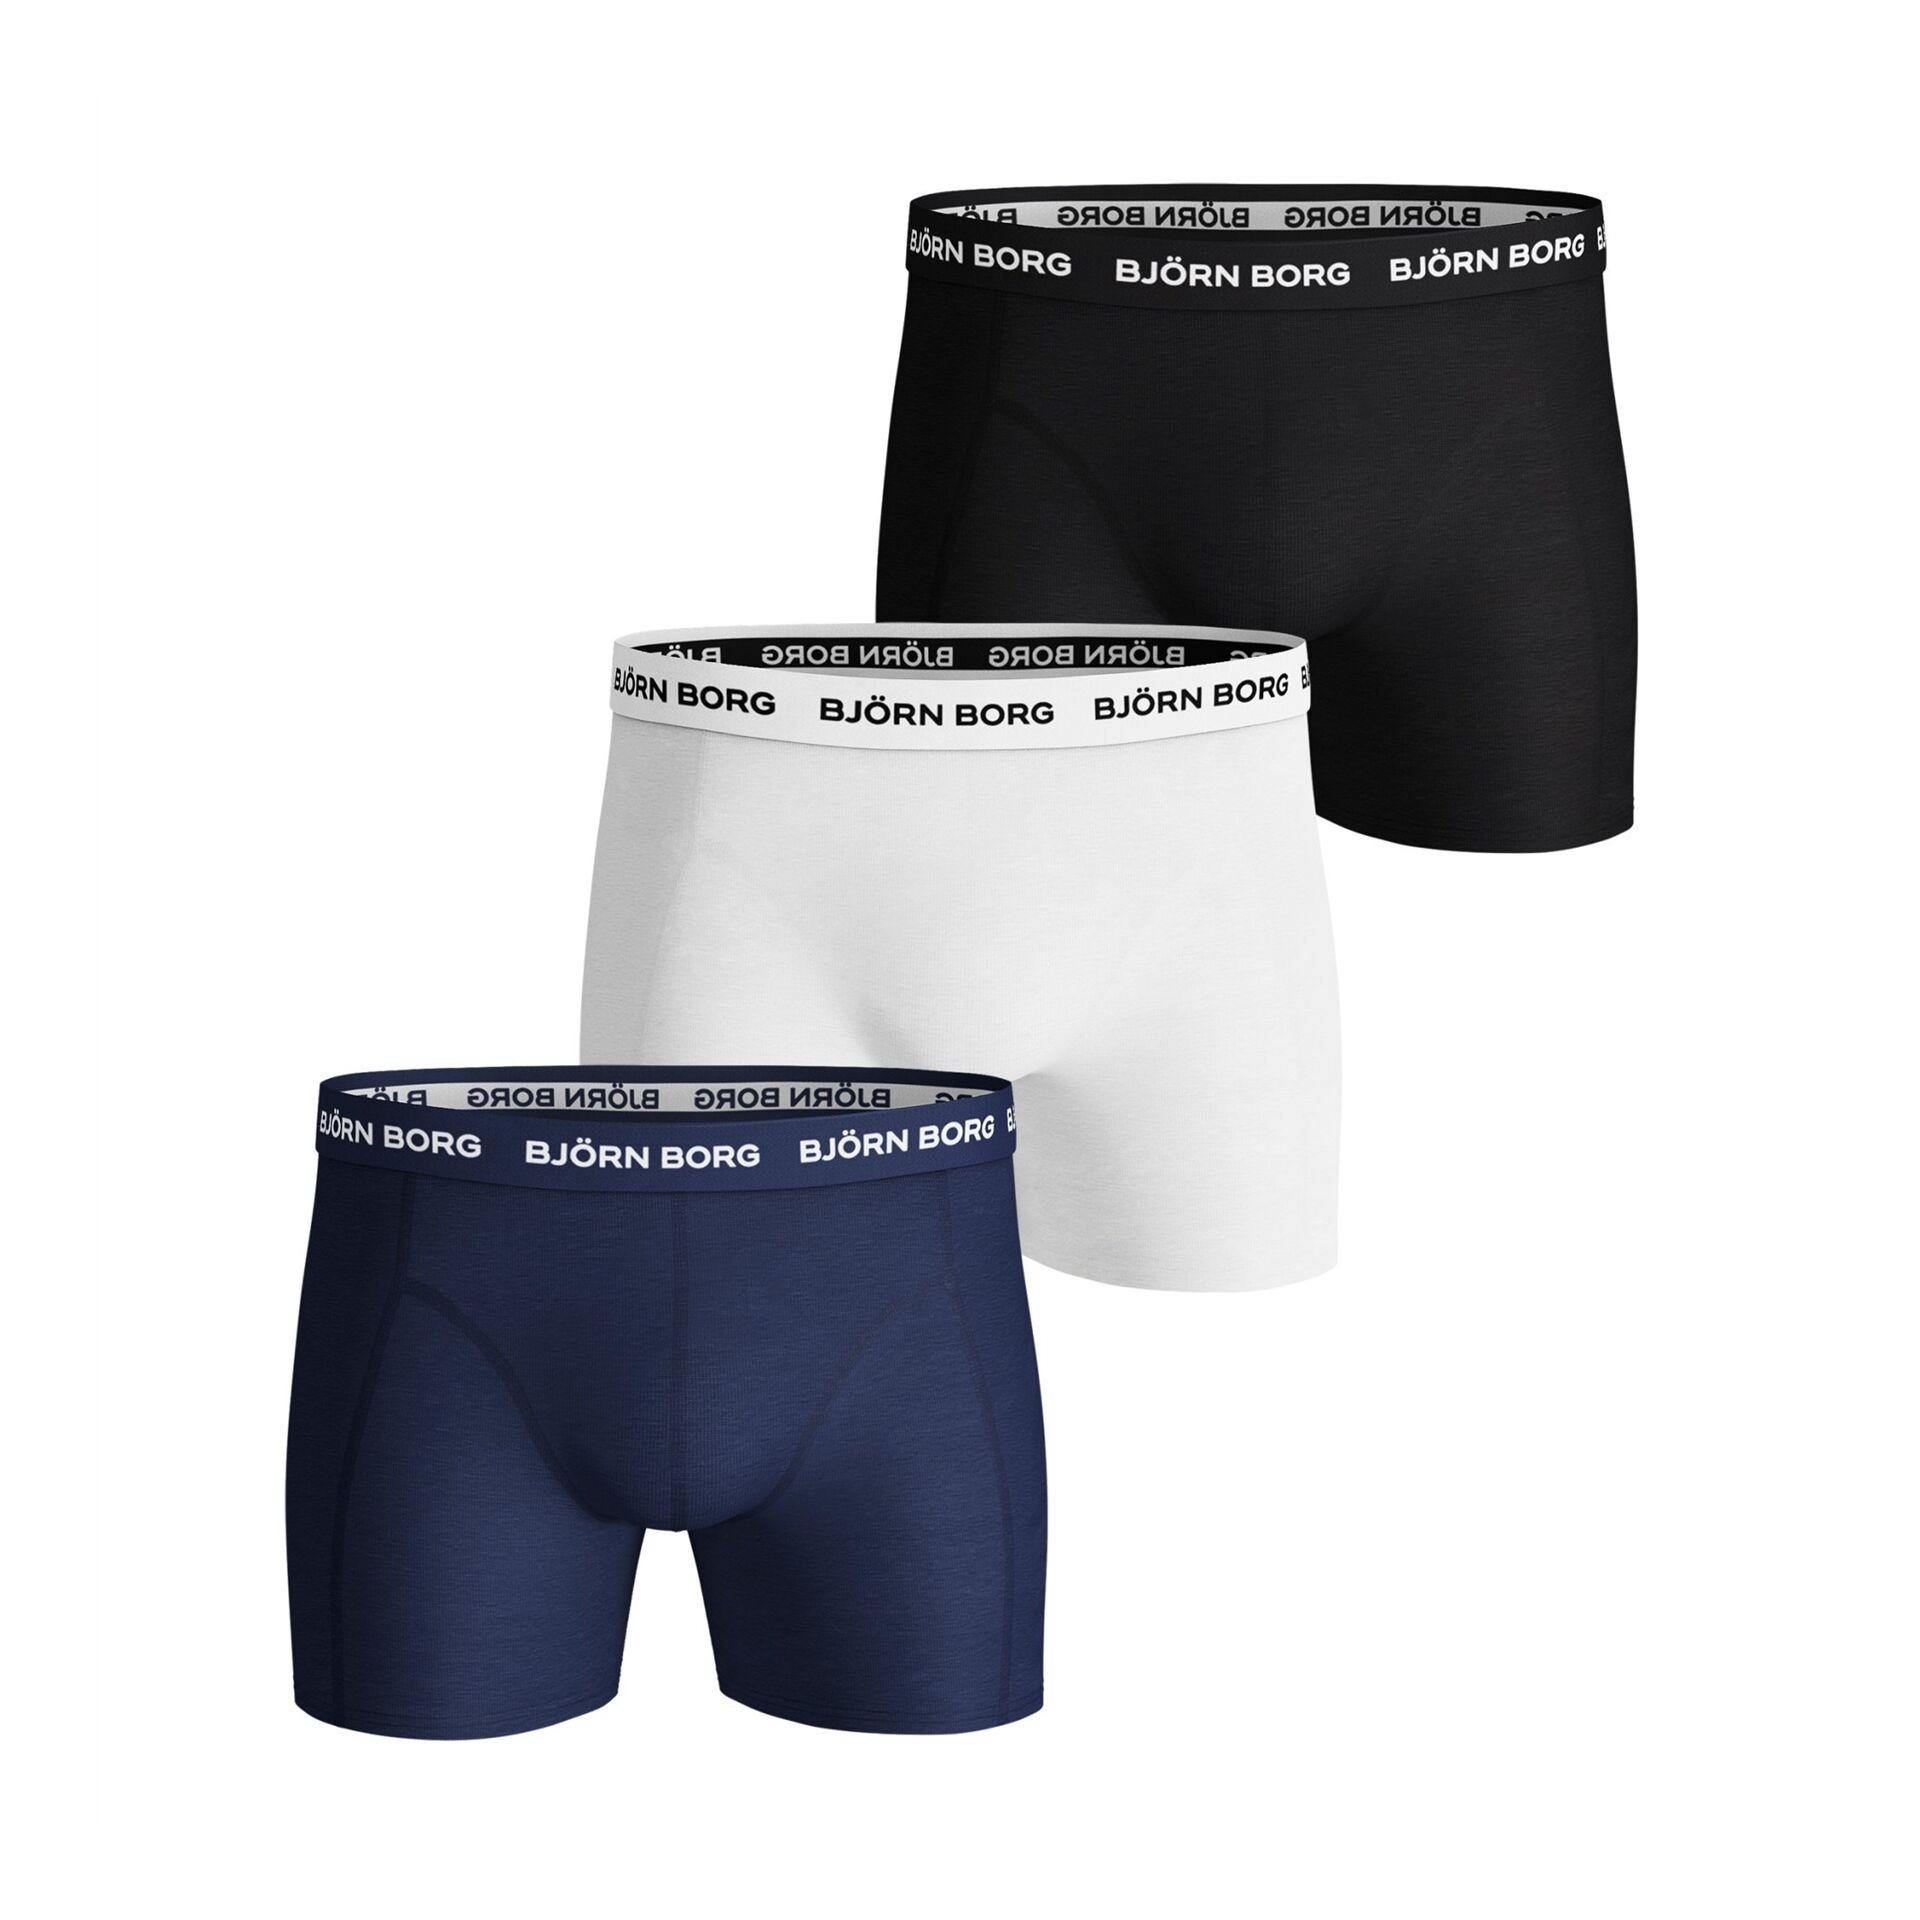 Björn Borg NOOS Solid Shorts Blue Depths 3-pack S